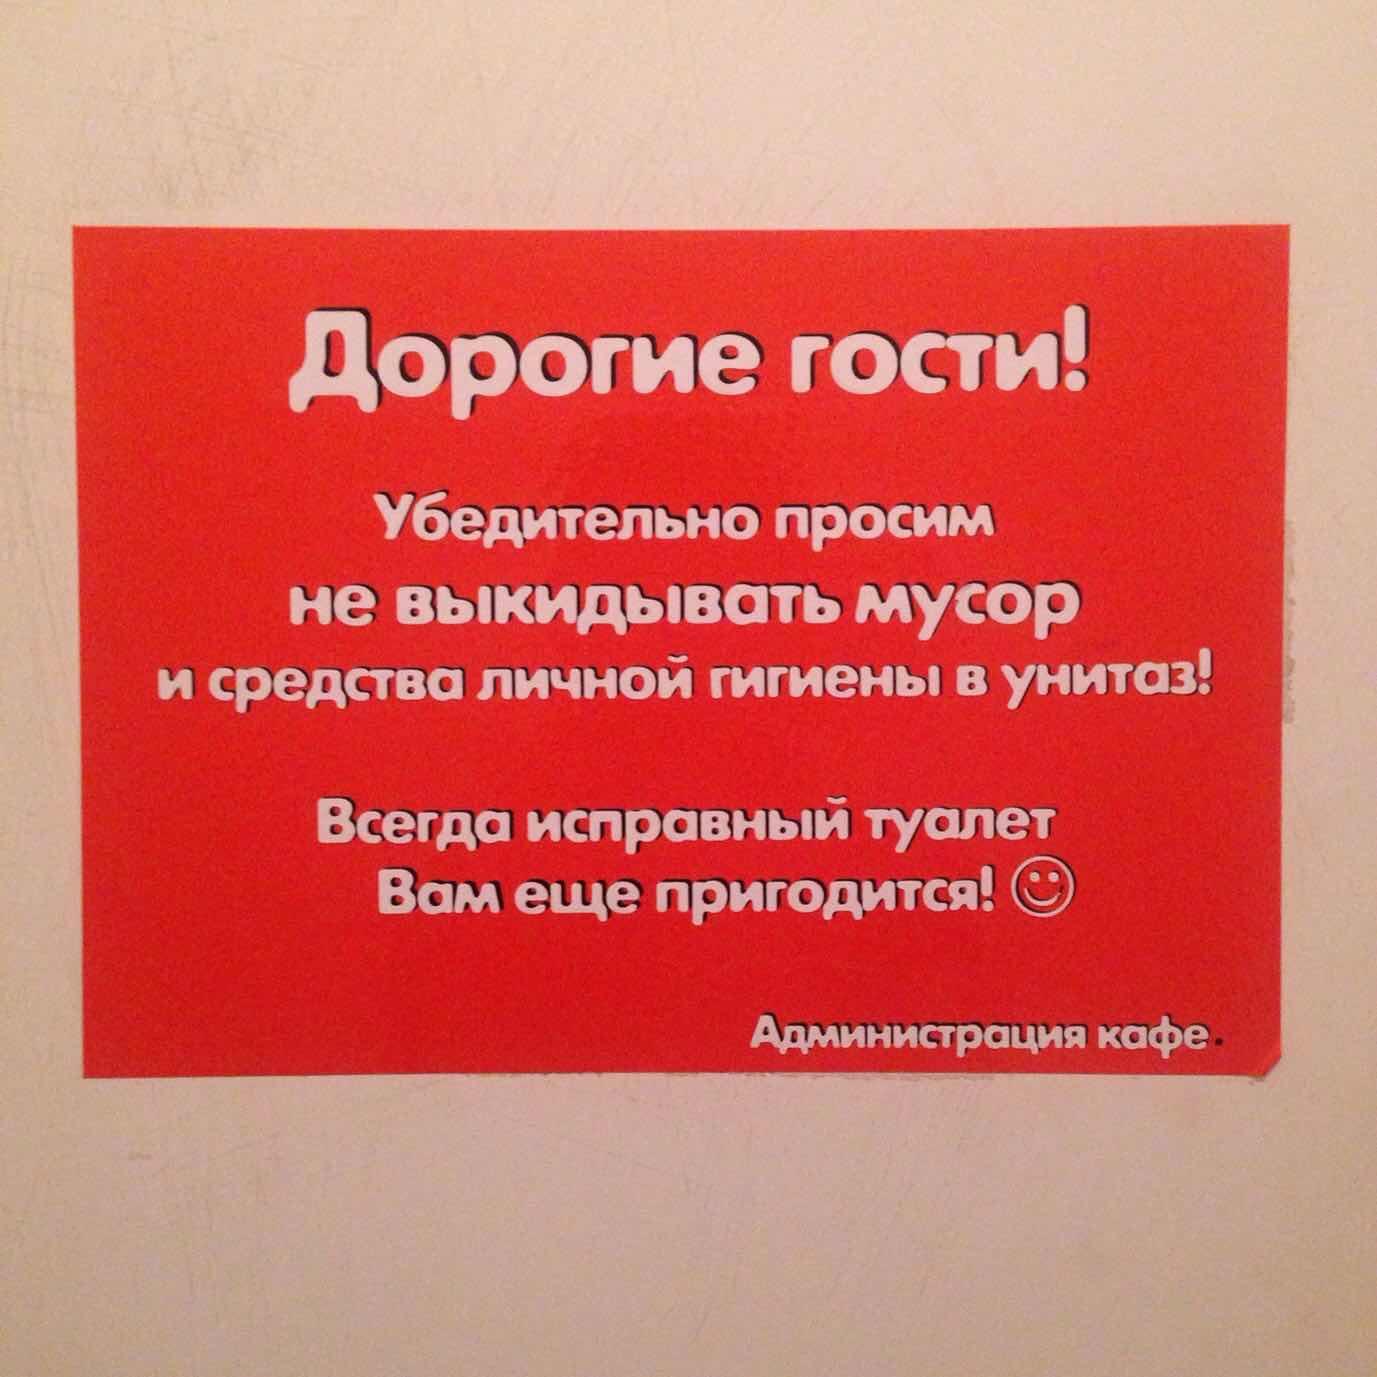 туалетную бумагу в унитаз не бросать картинки